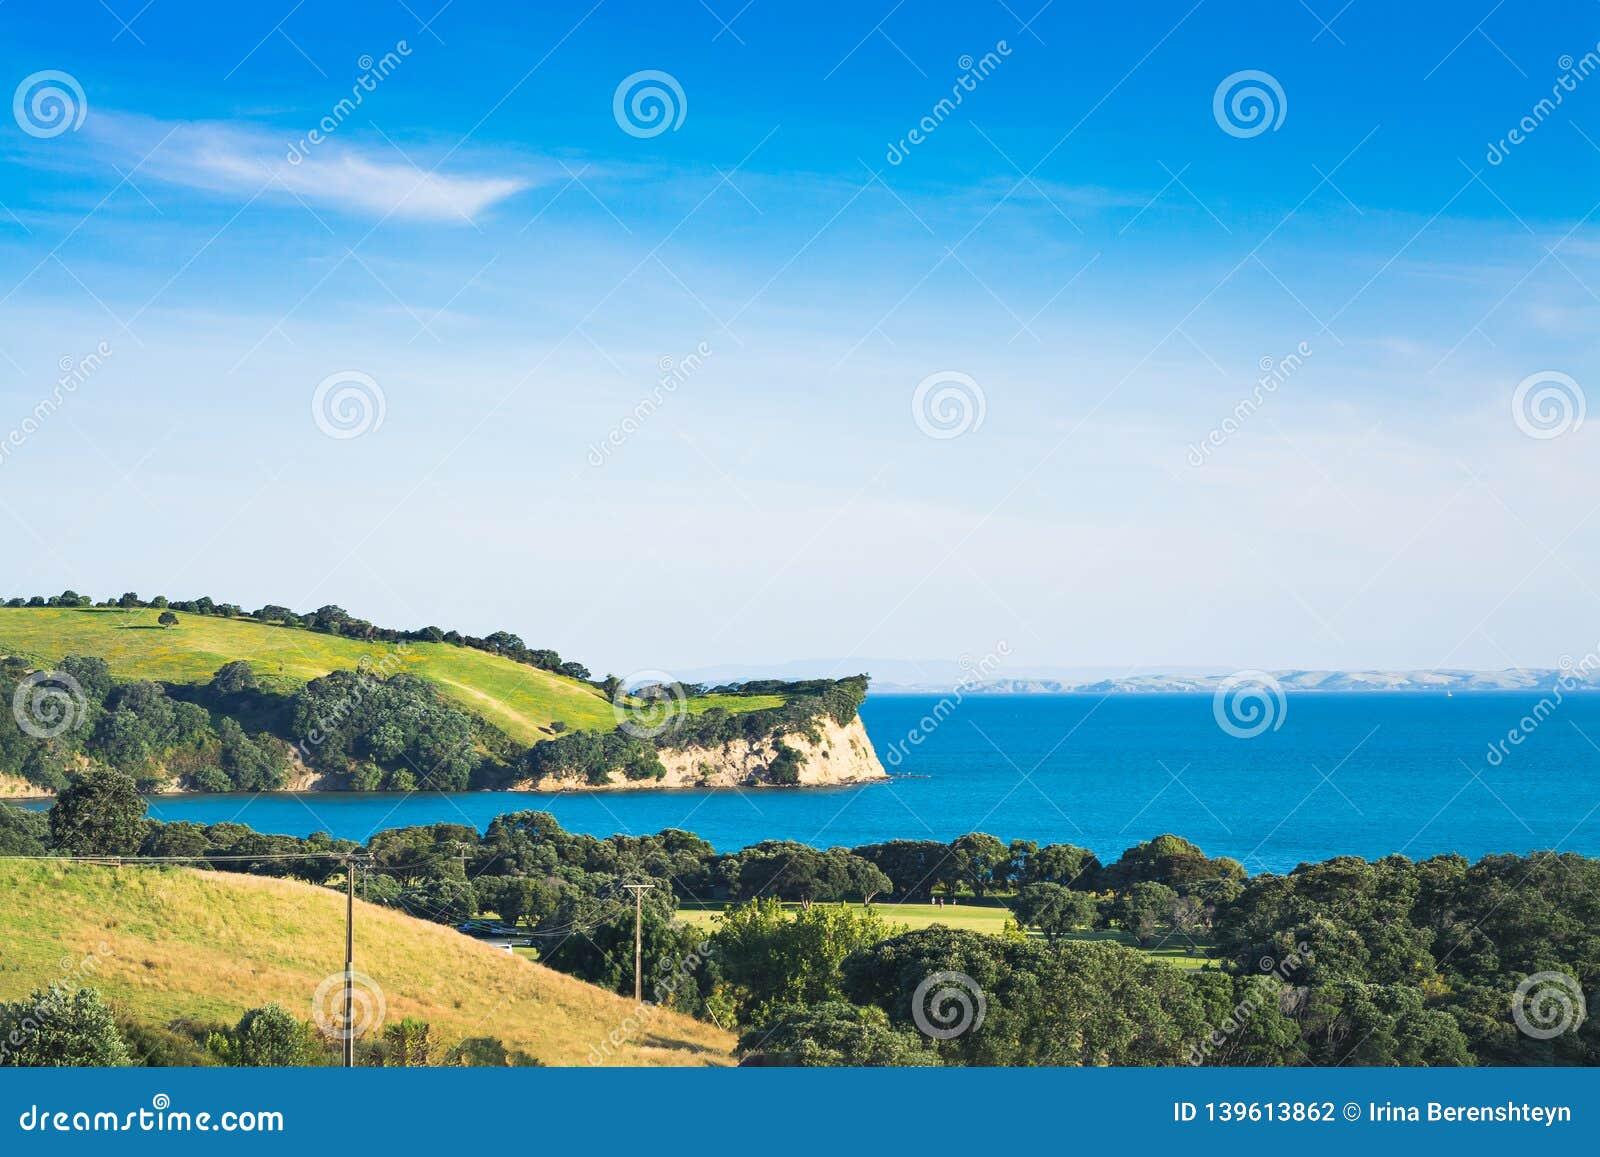 Paisaje icónico de Nueva Zelanda - colinas verdes y acantilado enormes sobre el mar azul